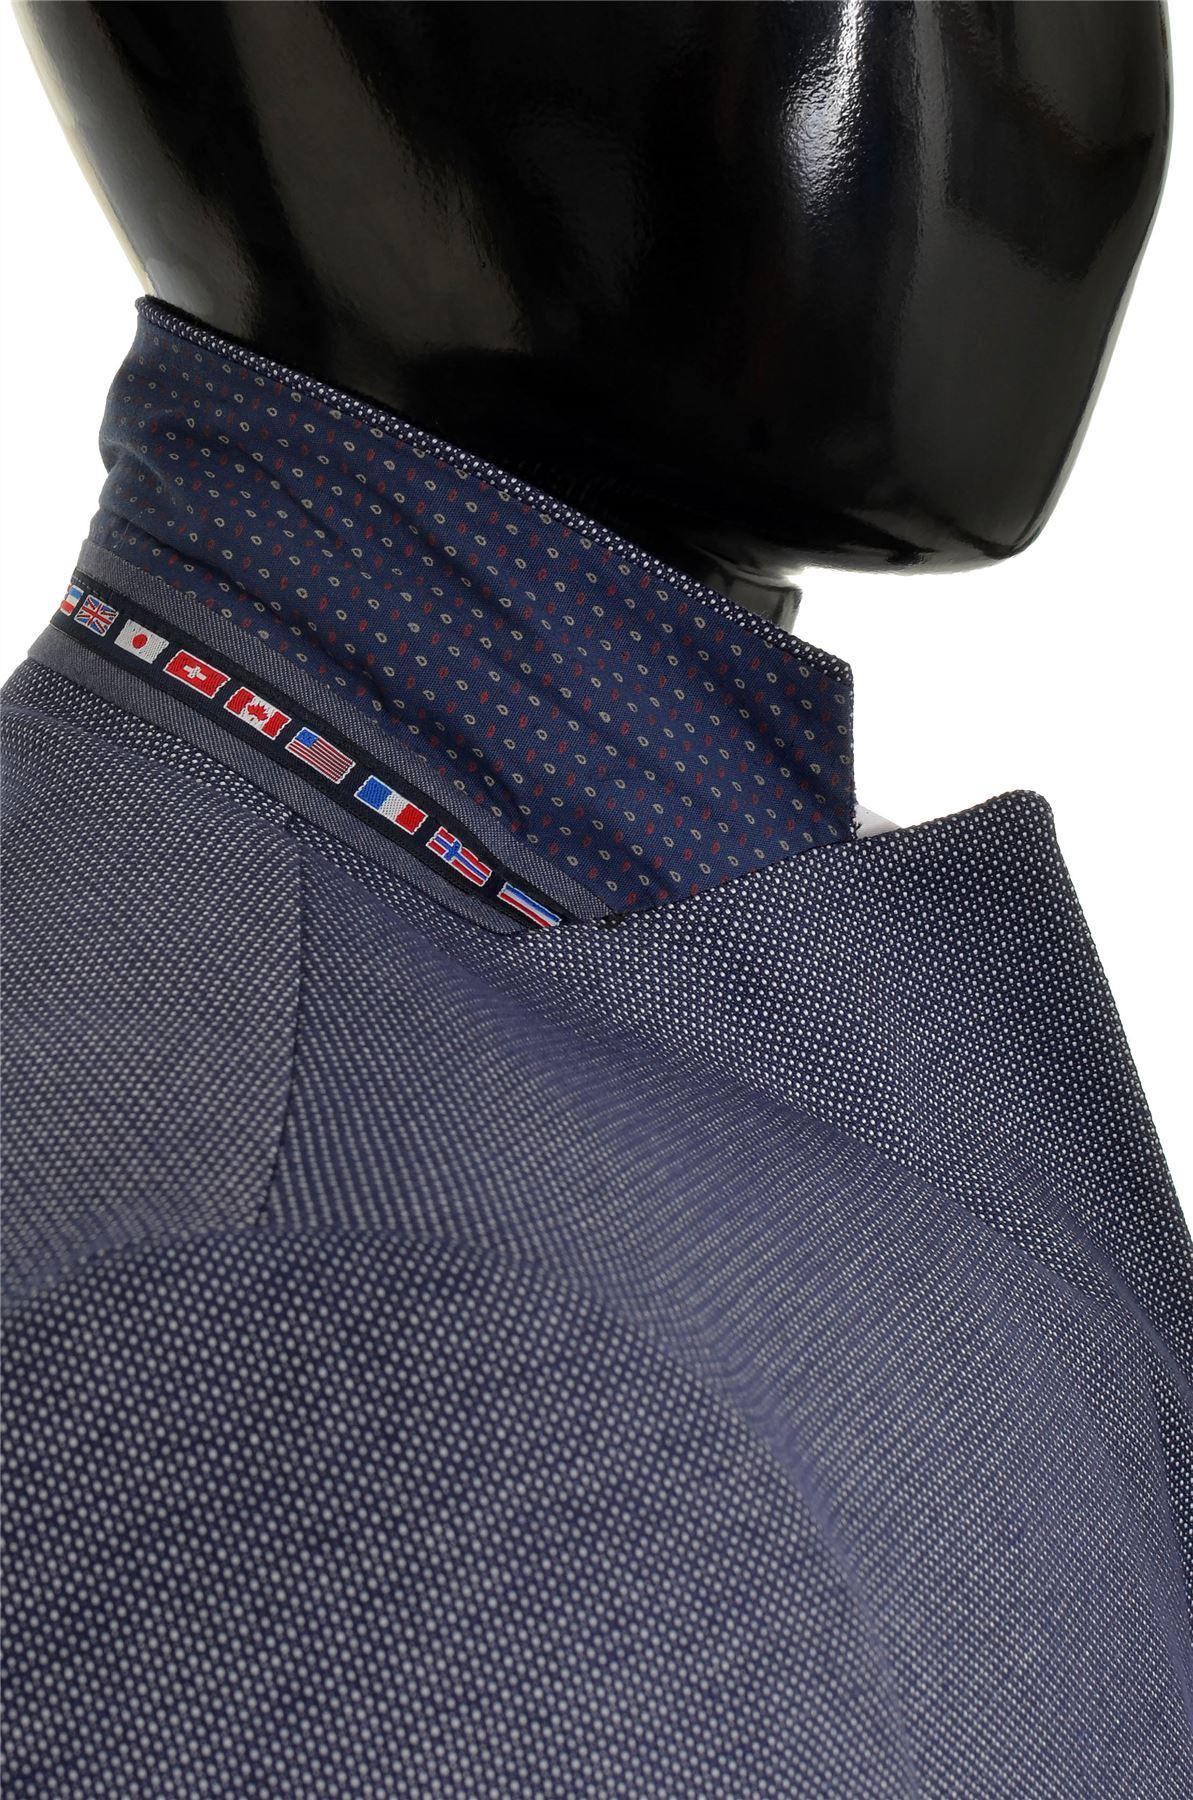 Dettagli su Uomo Design Classico Giacca Blazer Blu Casual Contrasto Finitura Sottile Morbido